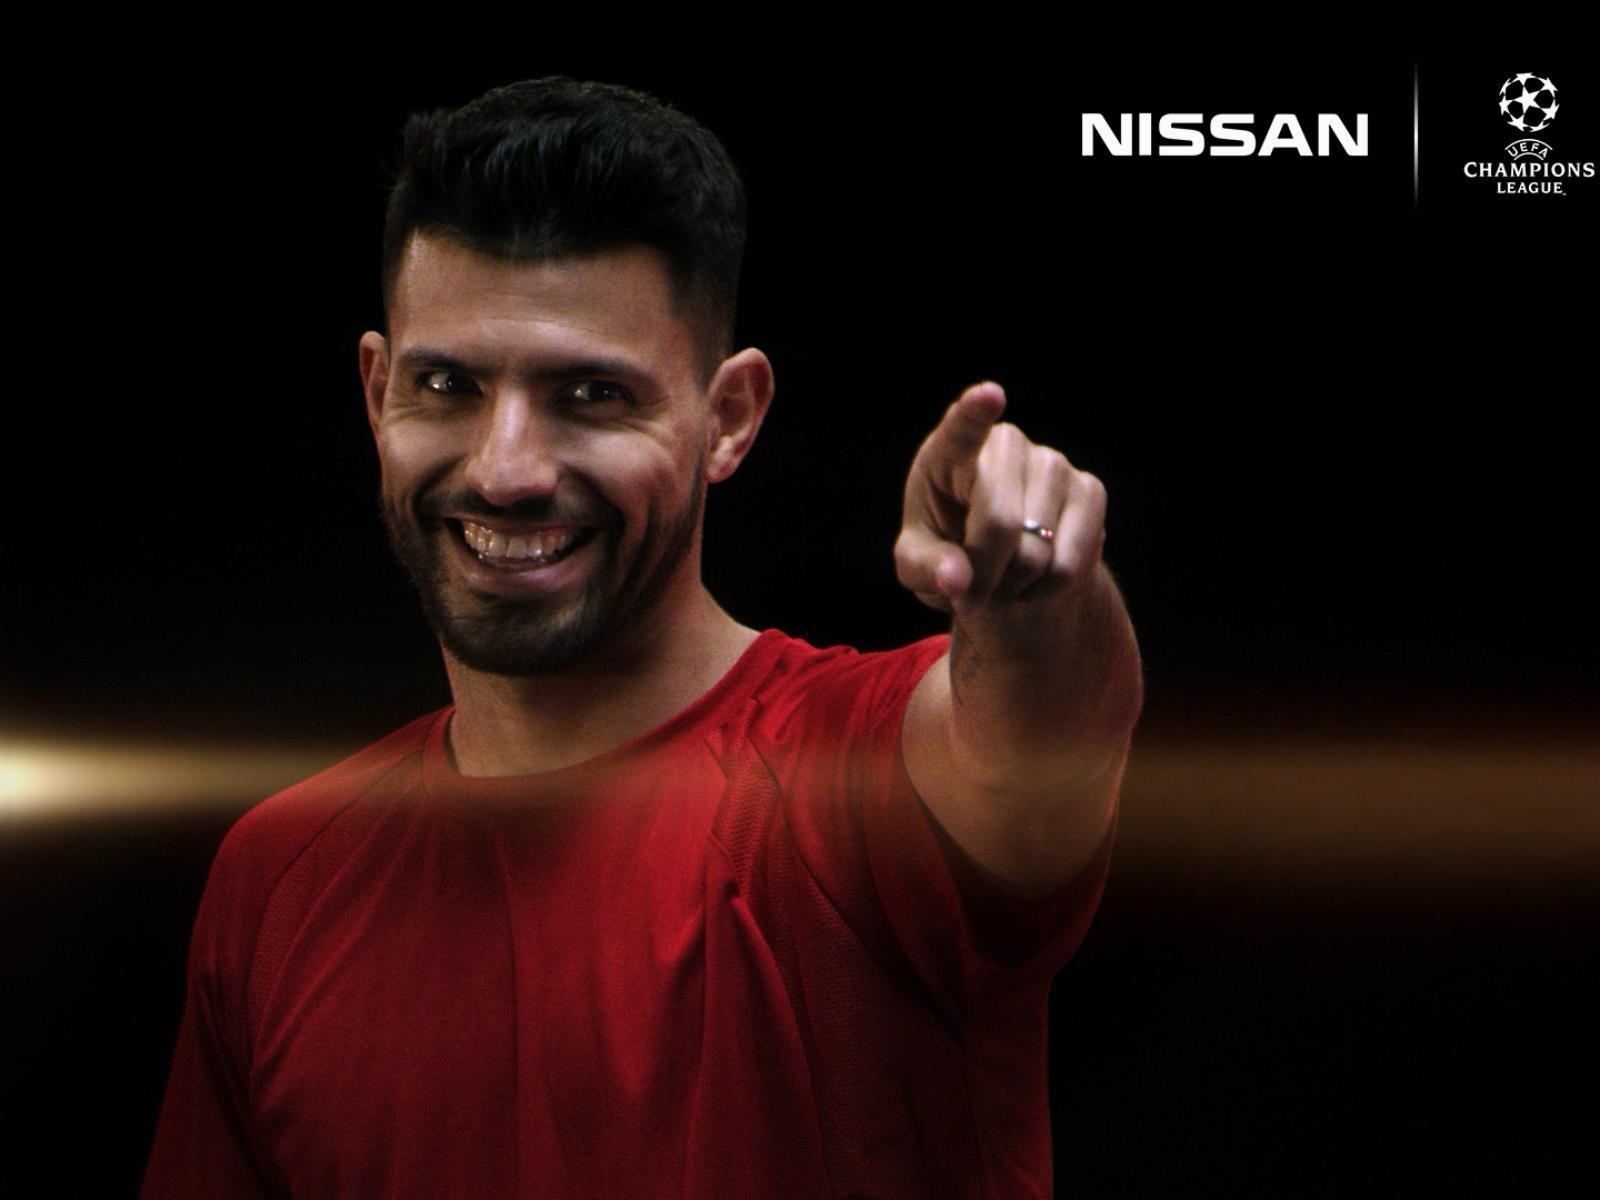 Champions League: Nissan busca los mejores fanáticos colombianos